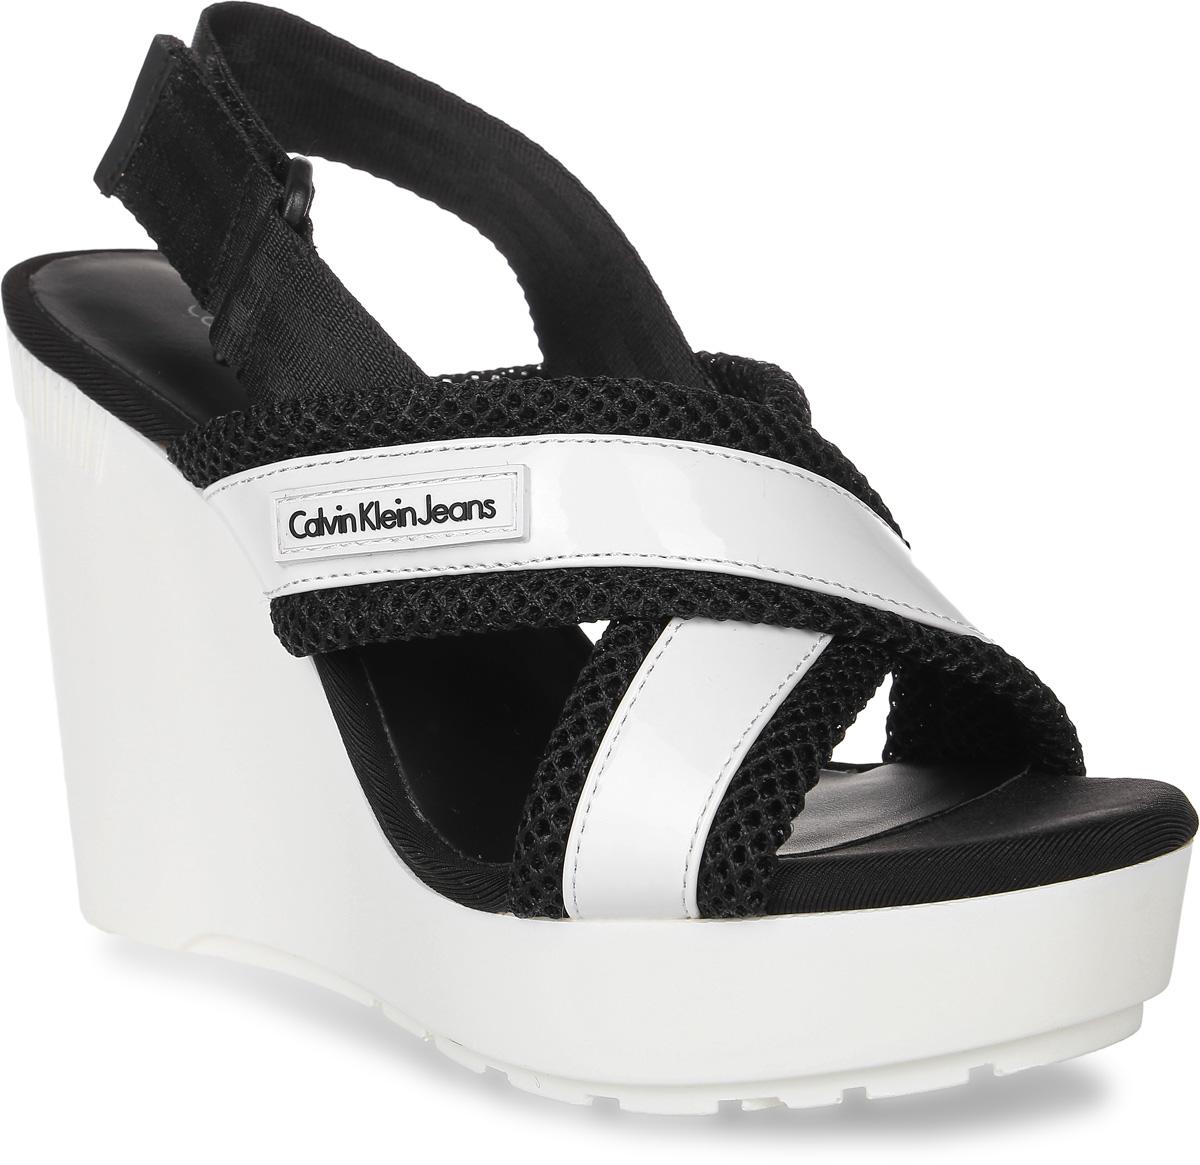 Босоножки женские Calvin Klein Jeans, цвет: черный, белый. R4972. Размер 38R4972Стильные босоножки от Calvin Klein Jeans - незаменимая вещь в гардеробе каждой женщины. Модель выполнена из текстиля и сетчатого материала в оригинальном дизайне. Перекрещивающиеся ремешки на подъеме прочно зафиксируют модель на вашей ноге, а застежка-липучка на щиколотке позволит отрегулировать объем. Высокая устойчивая танкетка выполнена из легкого ТЭП-материала. Подошва с рифлением обеспечивает отличное сцепление с поверхностью. Модные босоножки станут прекрасным завершением вашего летнего образа.